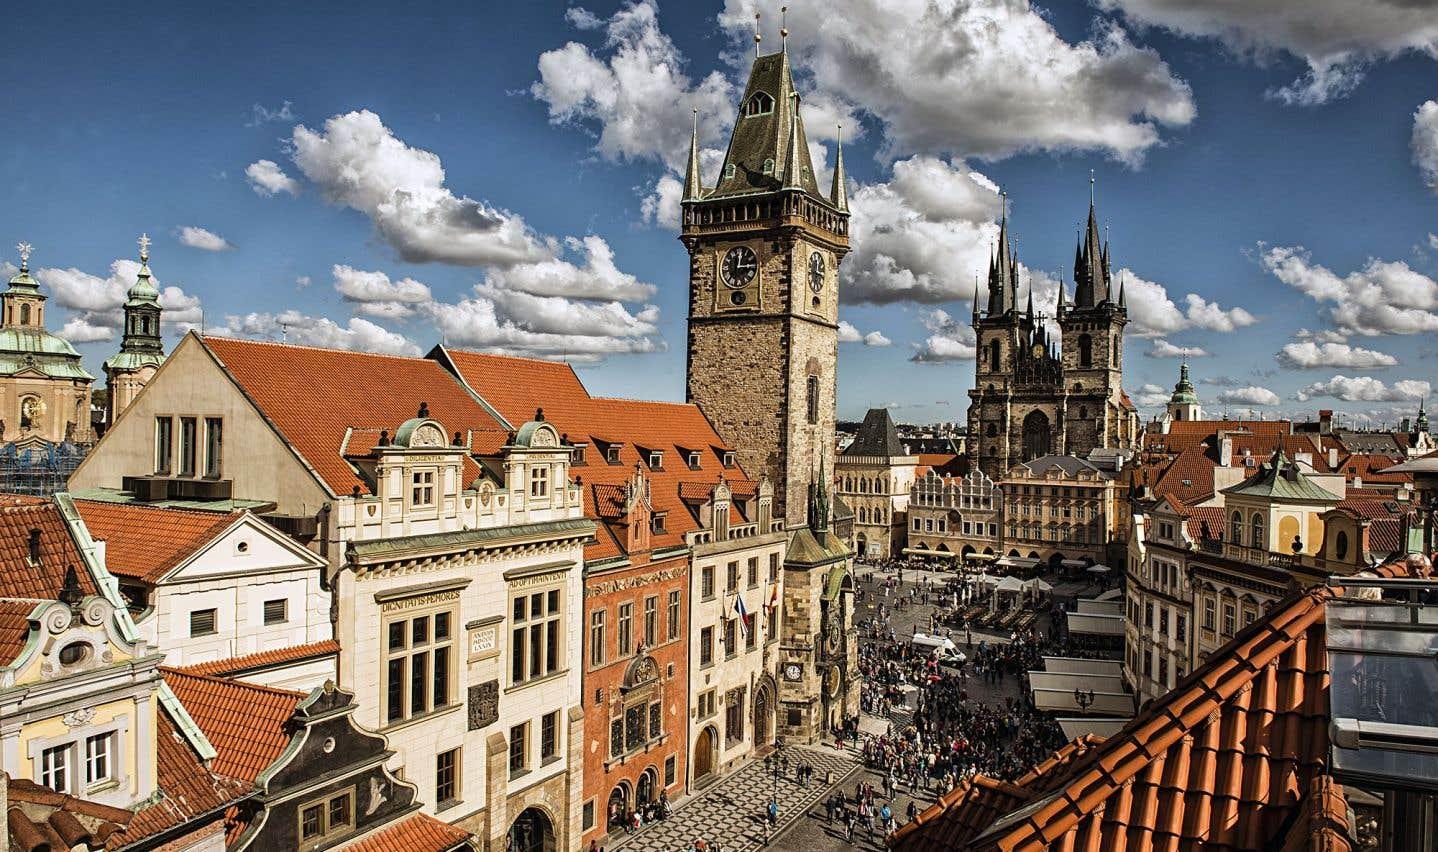 Toutes les rues du quartier mènent à la grandiose place de la Vieille Ville, qui impressionne par les rangées de superbes bâtiments, en majorité baroques, qui l'encadrent.